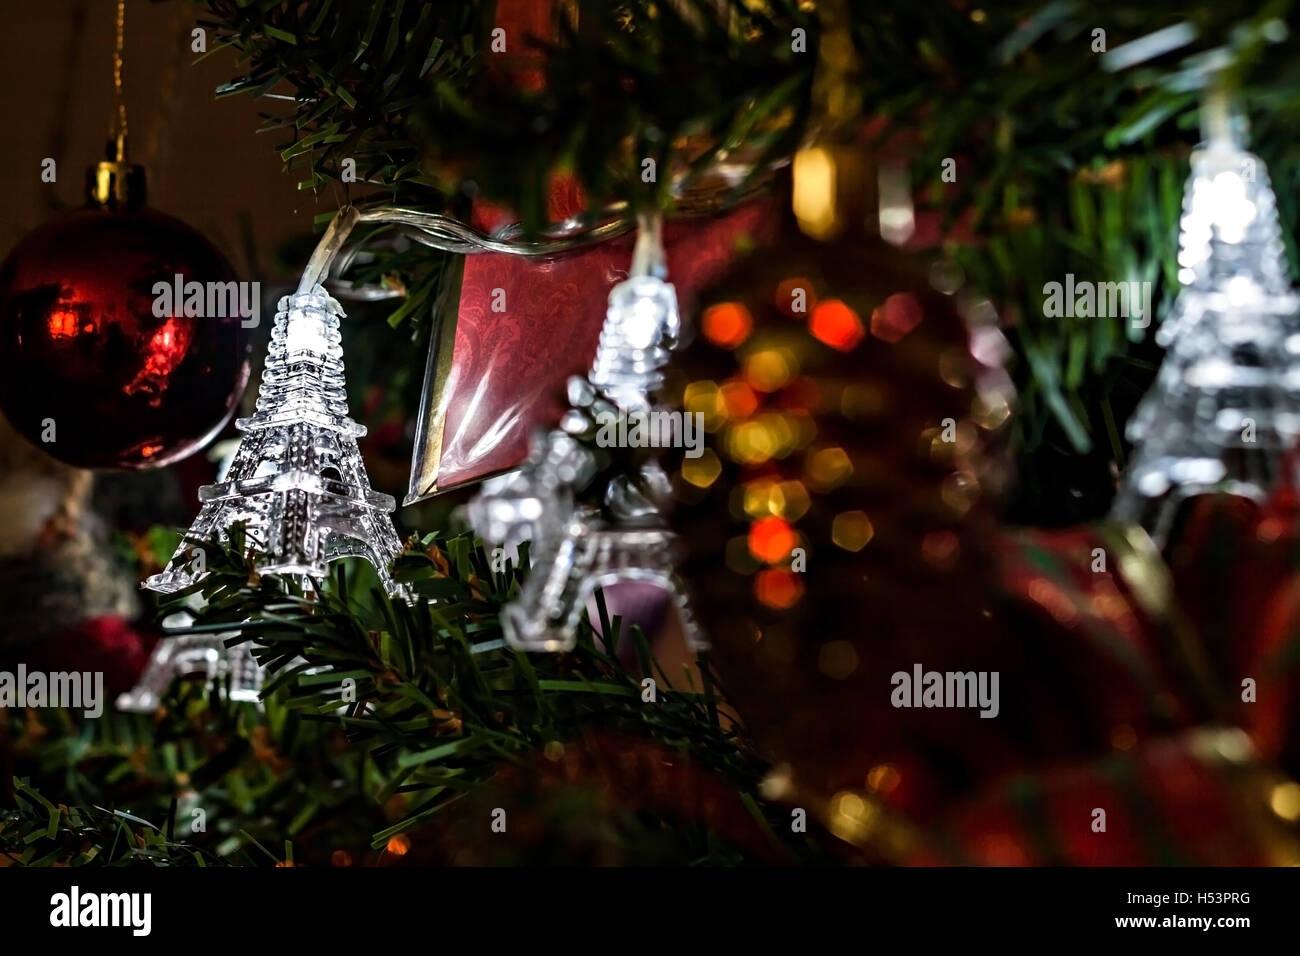 Eiffel tower christmas tree ornament - Christmas Garland On A Christmas Tree Eiffel Towers